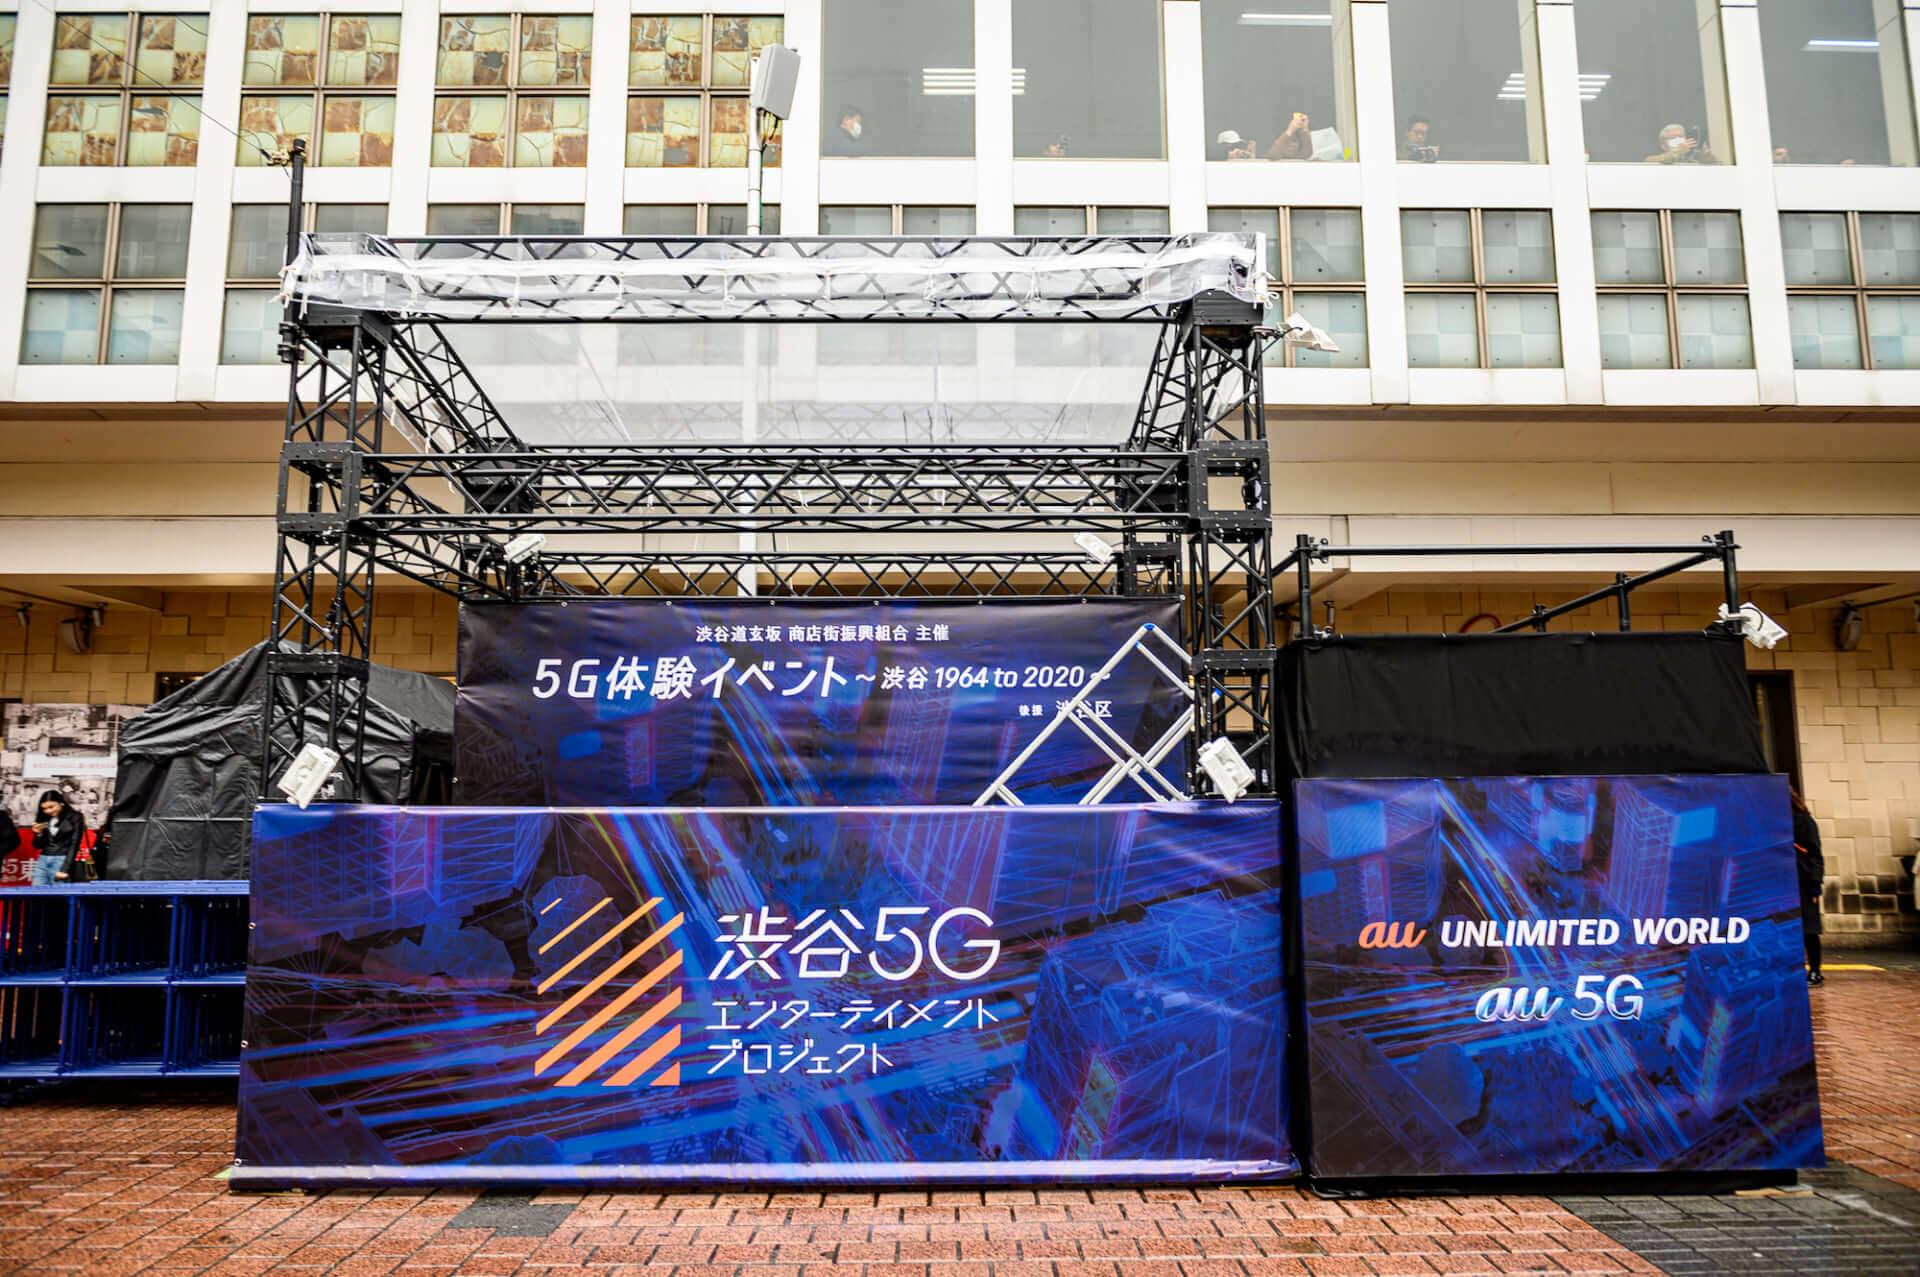 渋谷が5G×エンタメで盛り上がる!「渋谷5Gエンターテイメントプロジェクト」始動|キックオフパーティーにダレン・エマーソン、Licaxxxら登場 music200128_5g_3806-1920x1277